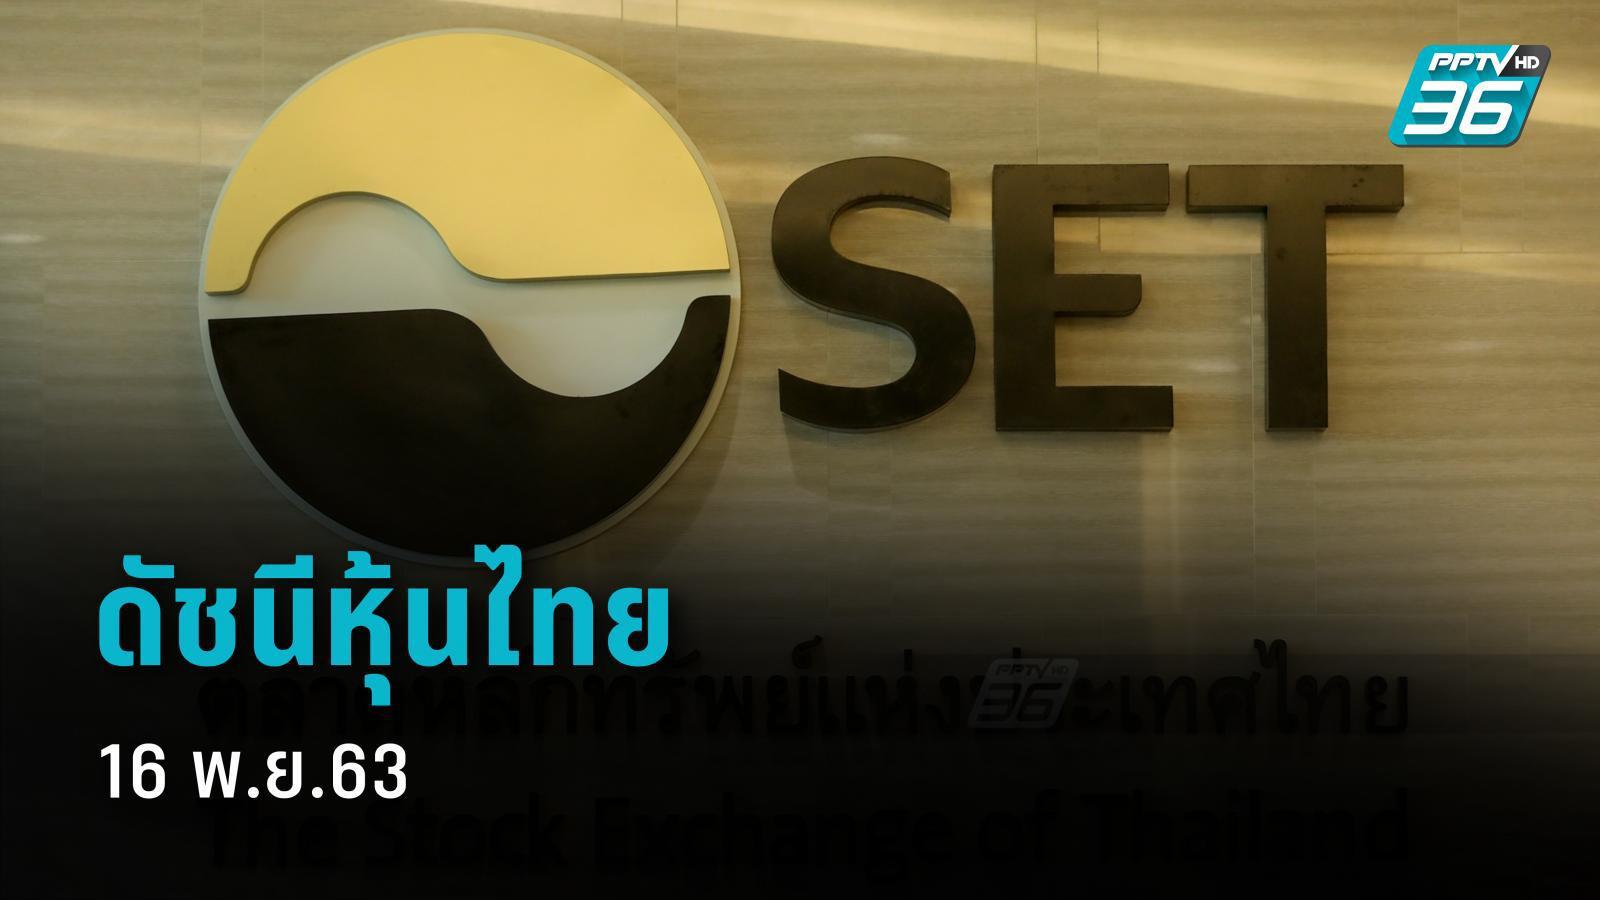 ดัชนีหุ้นไทย 16 พ.ย.63 ปิดการซื้อขายภาคบ่ายที่  1,351.06 จุด เพิ่มขึ้น 4.95 จุด